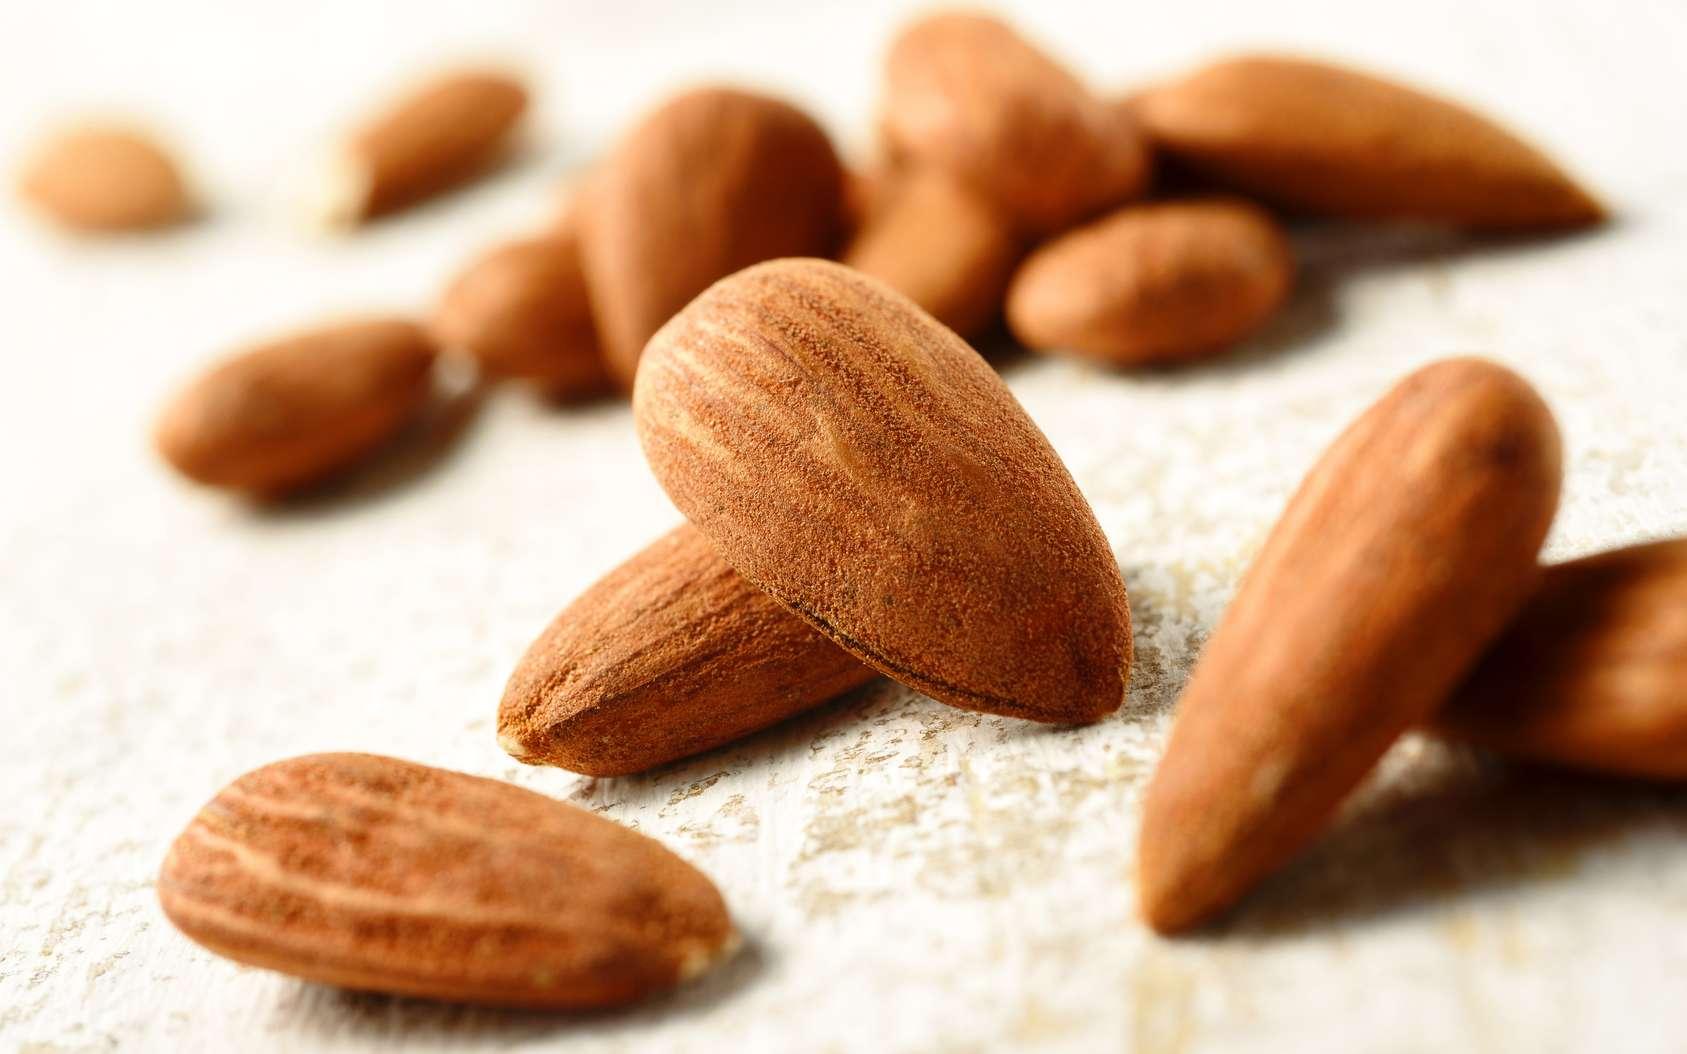 Les amandes sèches sont très utilisées en pâtisserie. © MIGUEL GARCIA SAAVED, fotolia